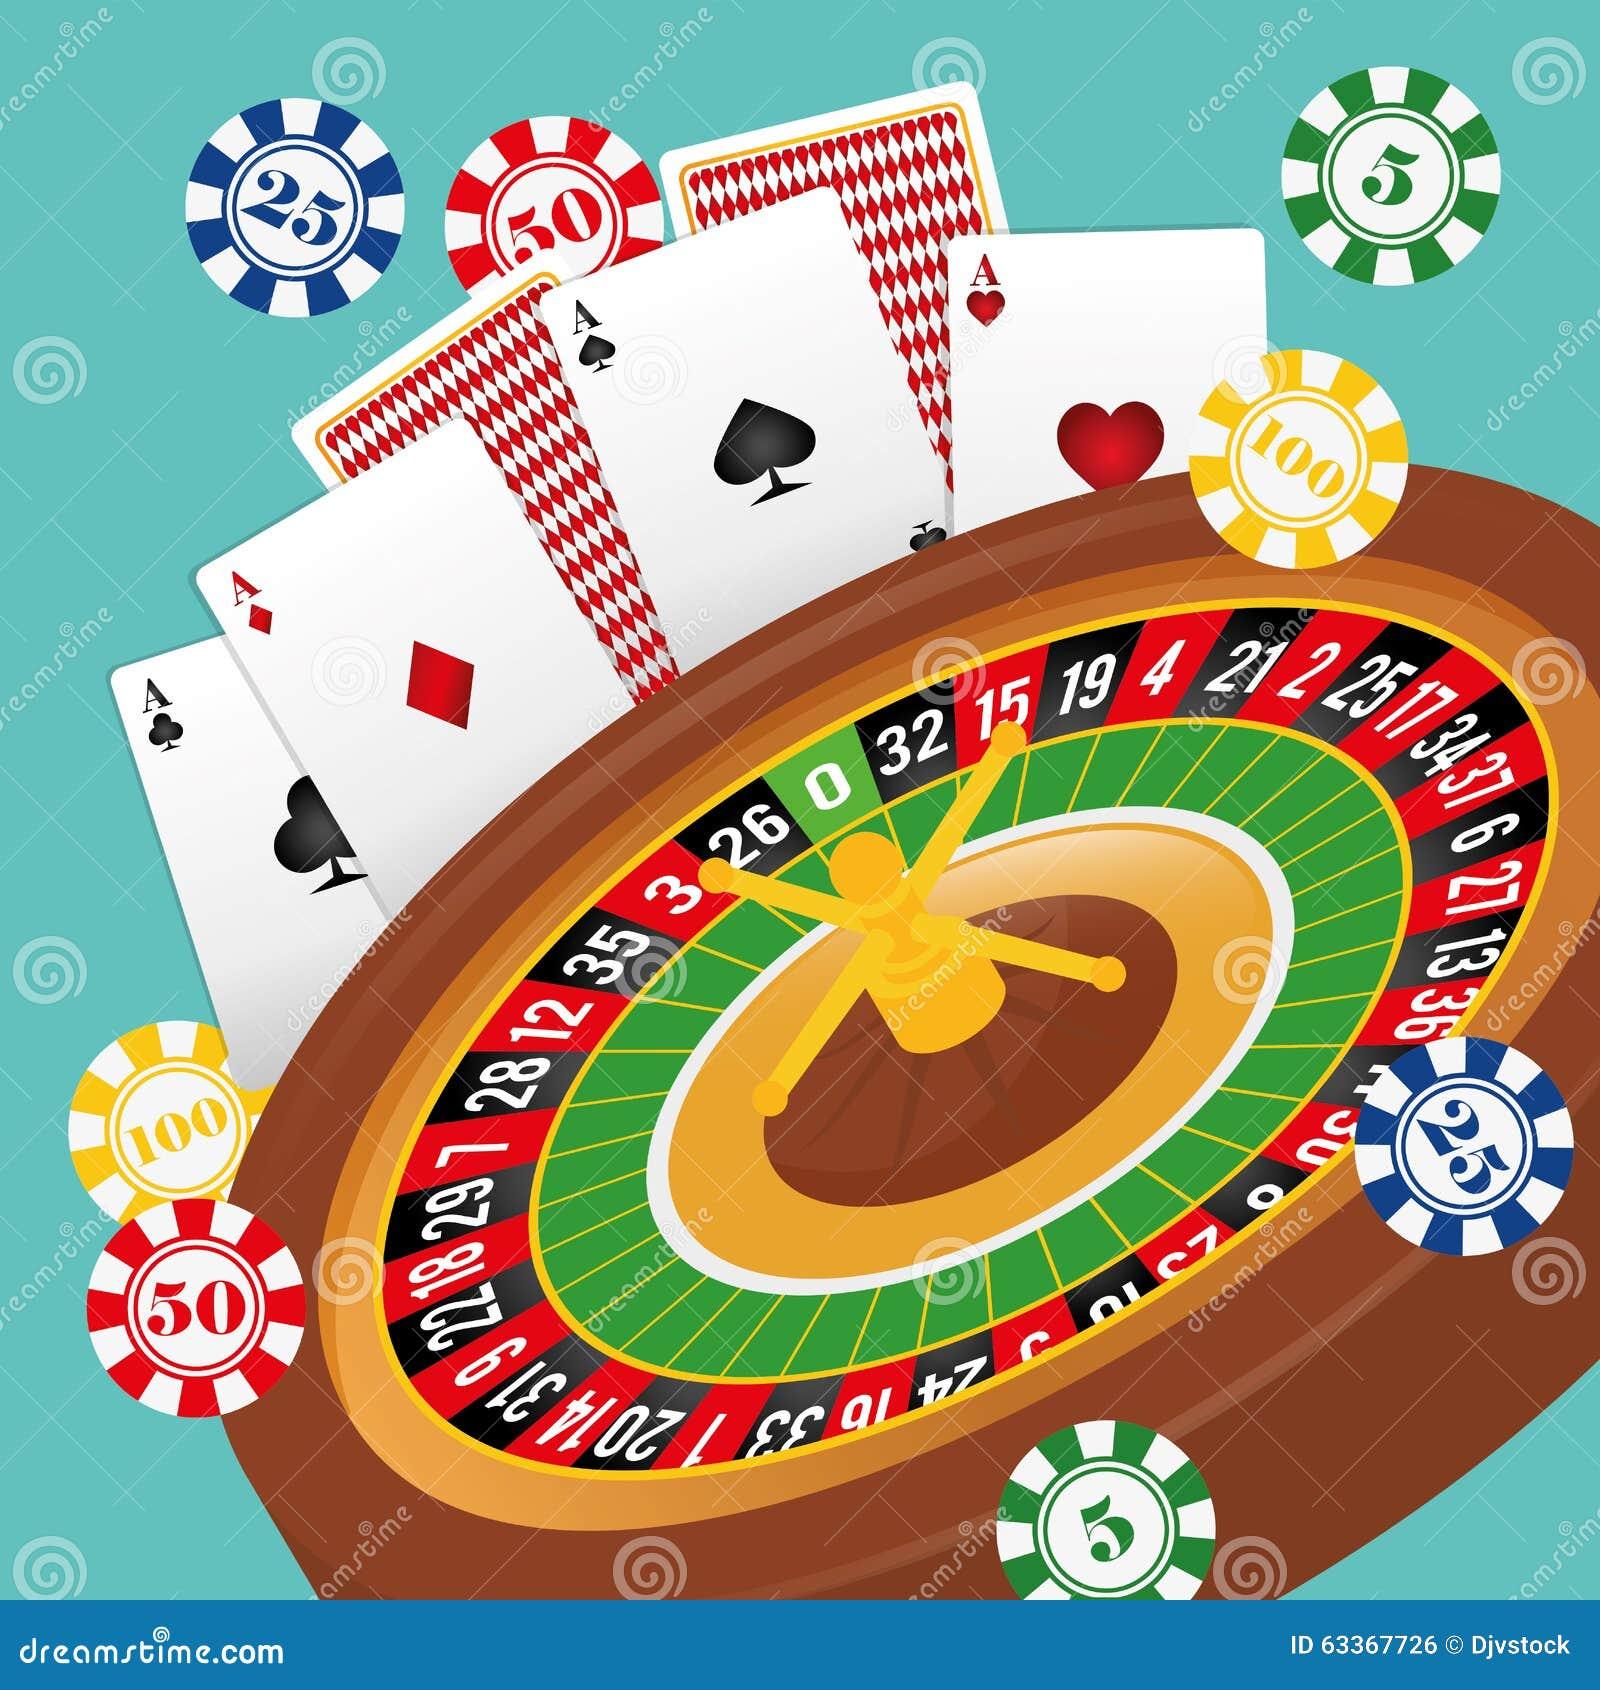 Gambling Games Free